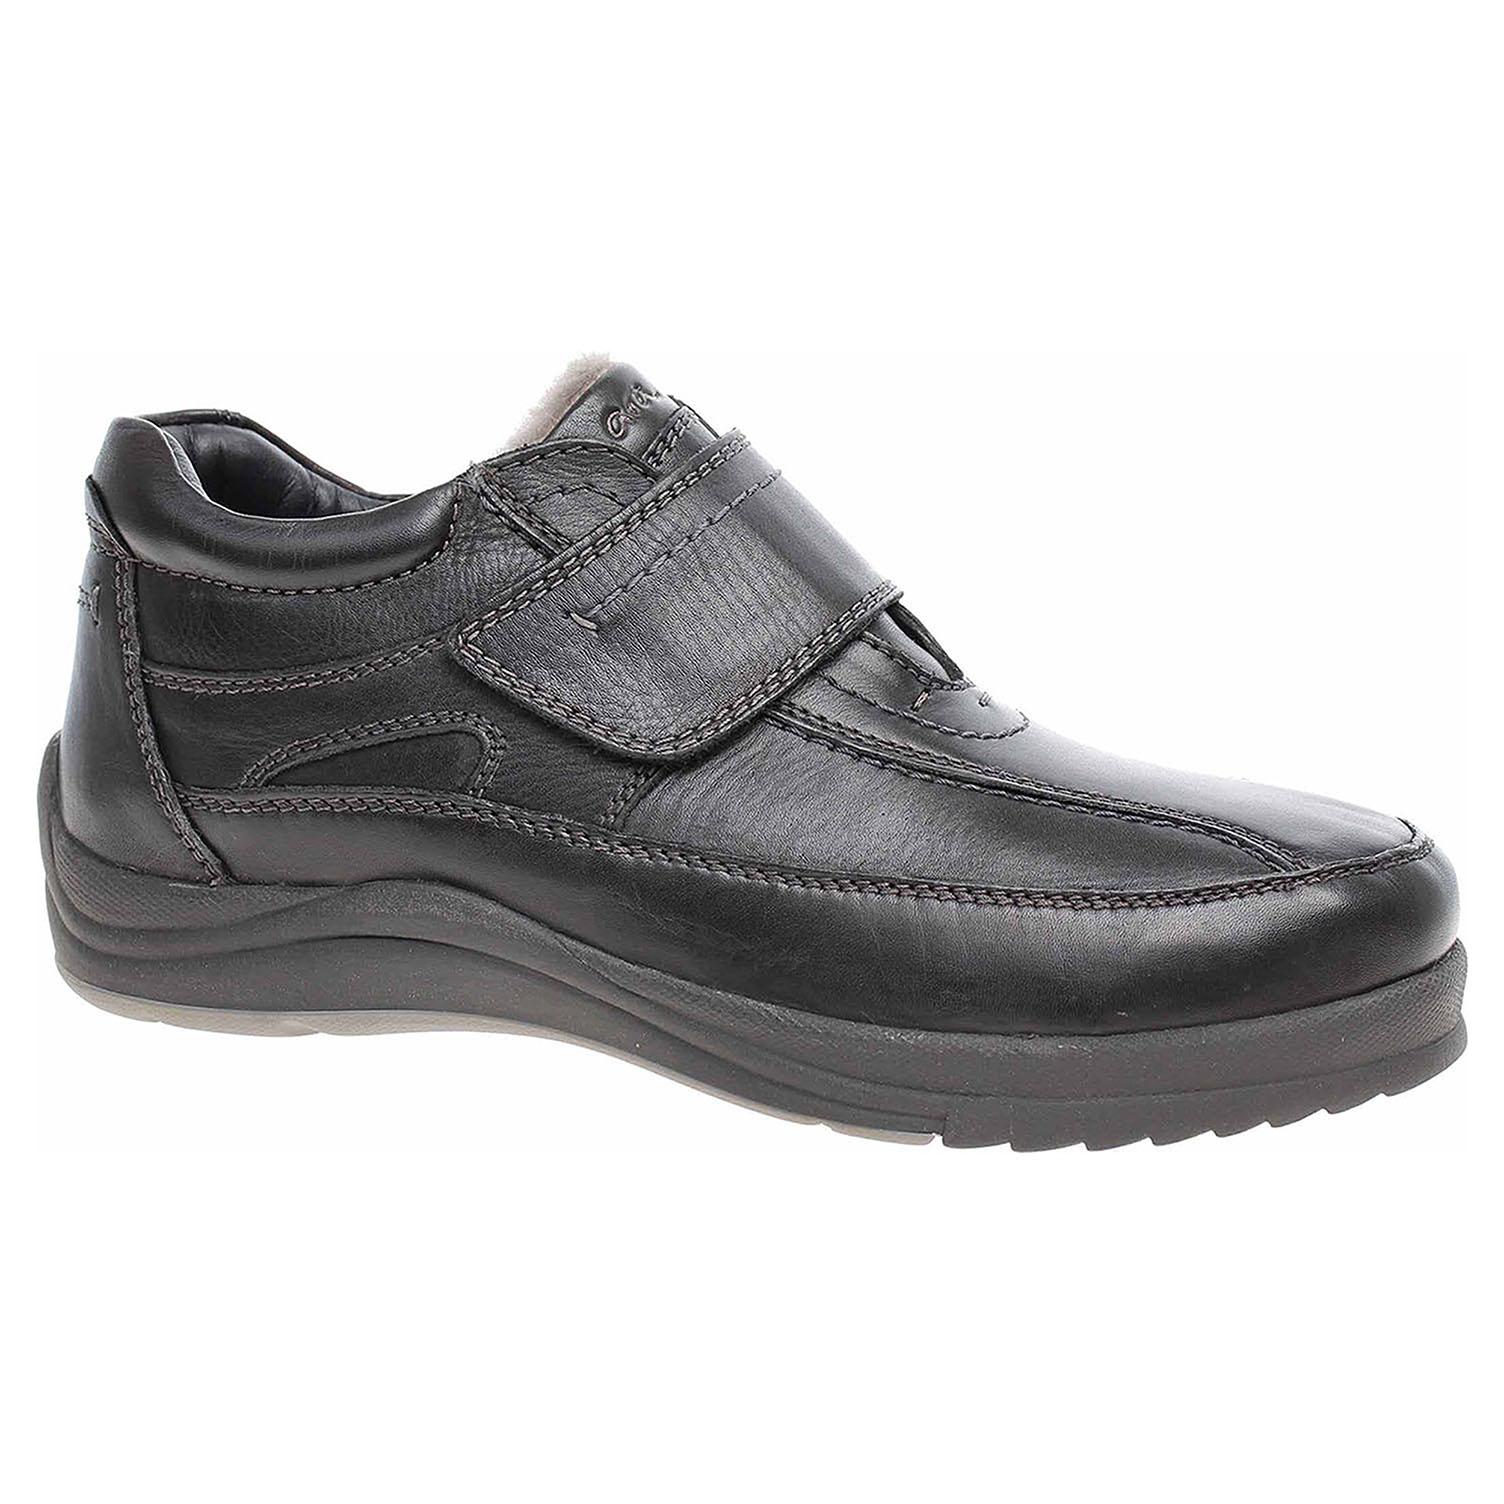 Pánská kotníková obuv Ara 11-27108-01 black 11-27108-01 44